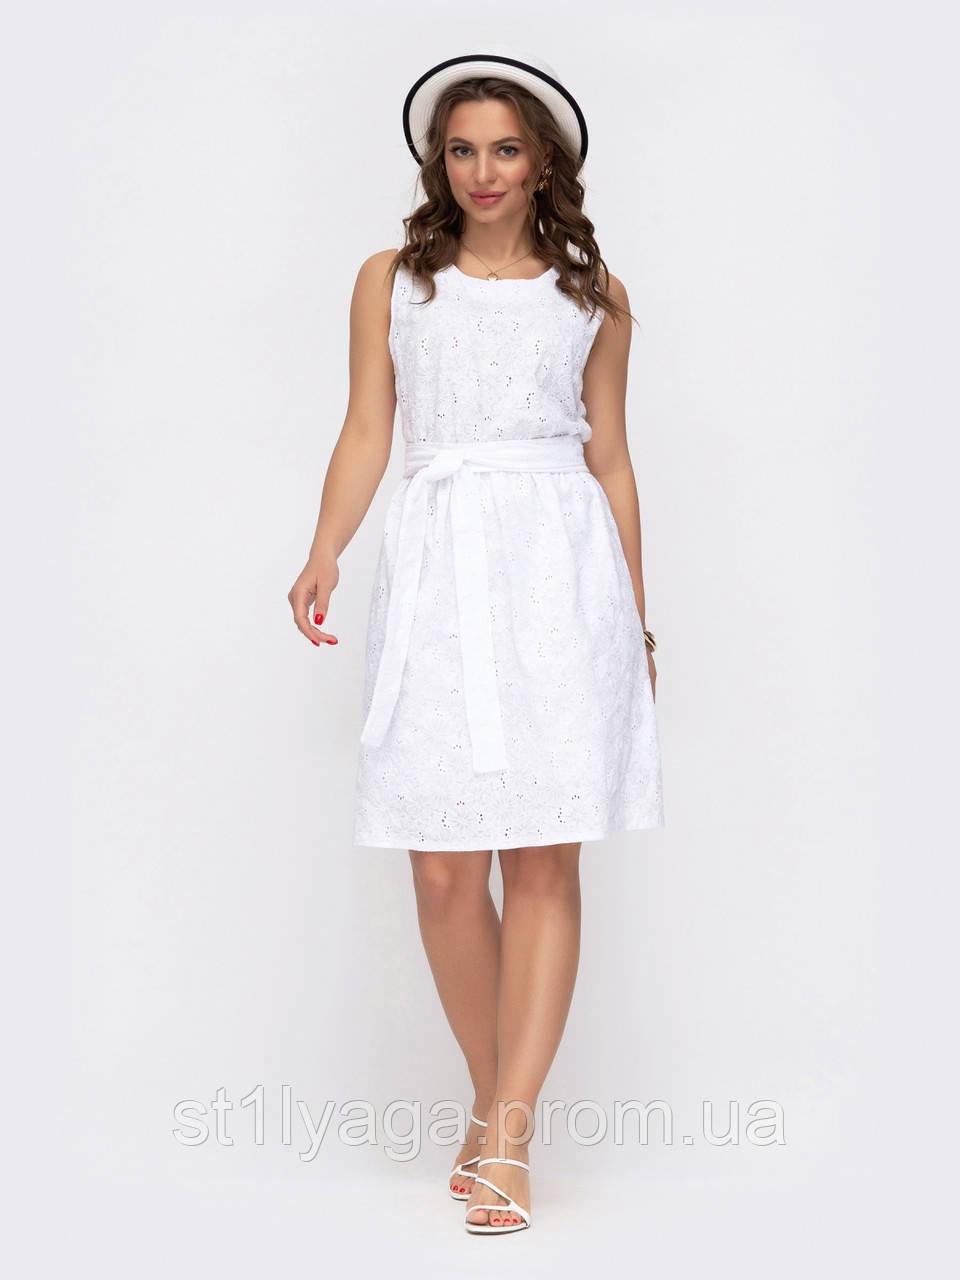 Коротке літнє плаття з прошви біле